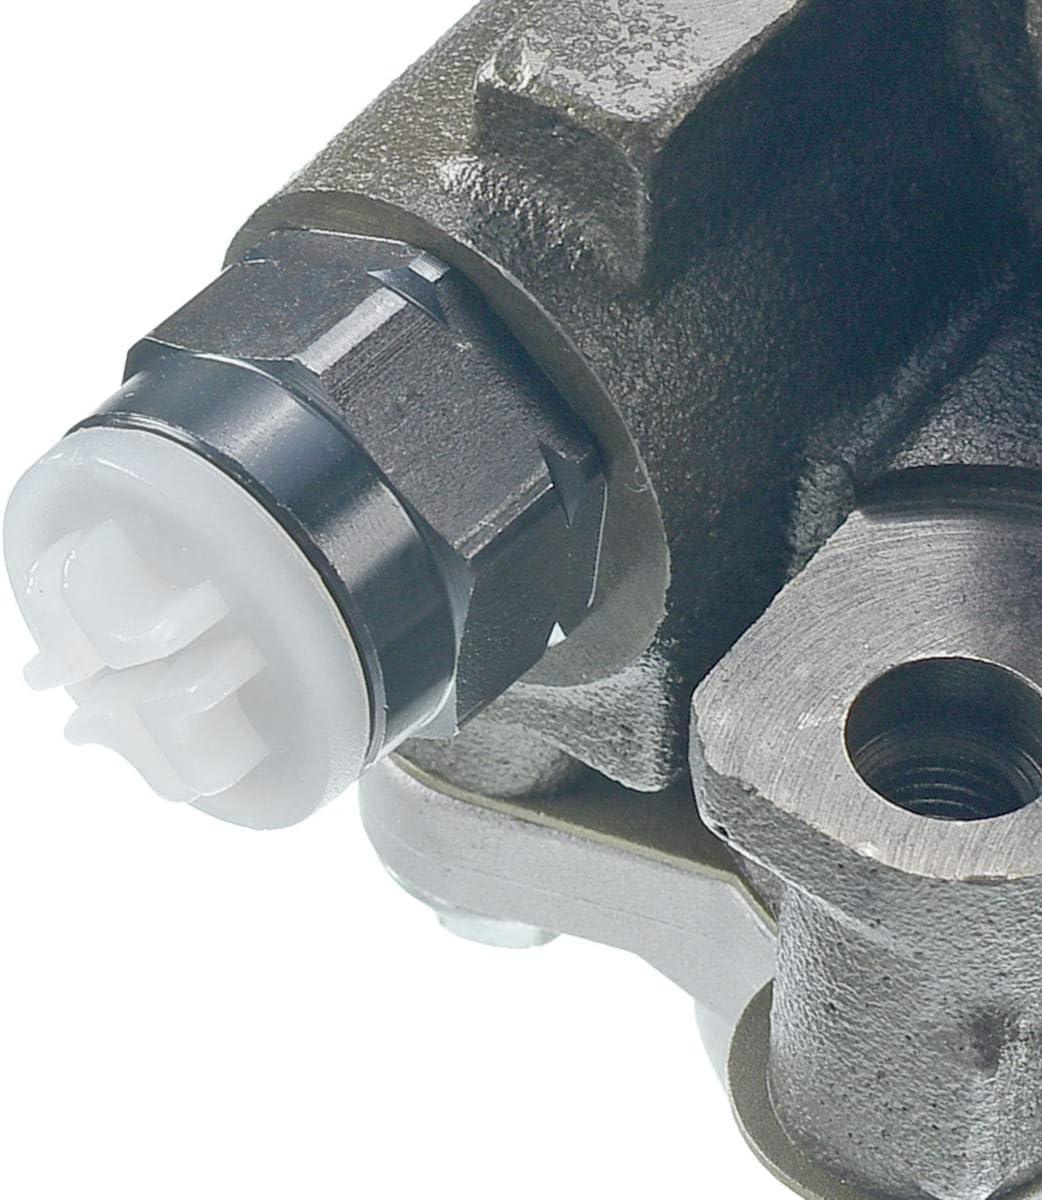 Power Steering Pump for Toyota 4Runner 1996-2002 Tacoma 1995-2004 V6 3.4L